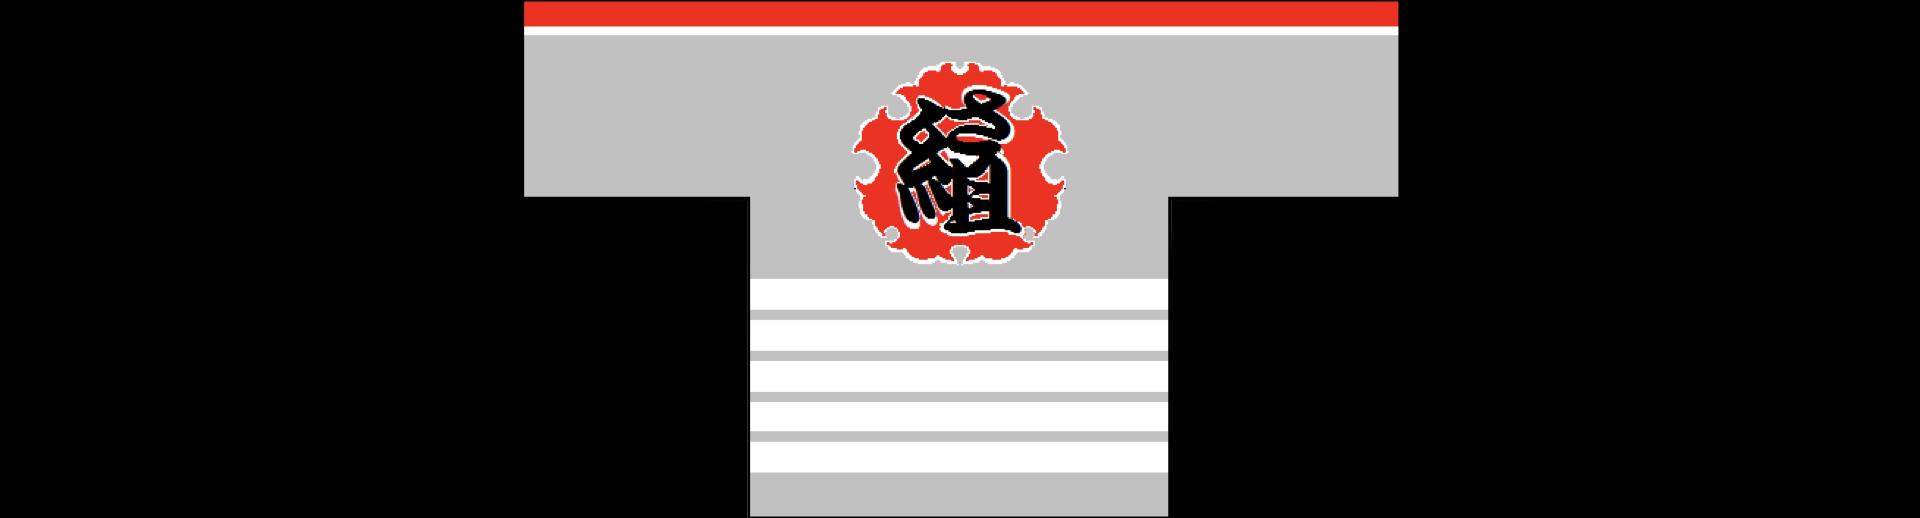 hanten_sagumi.png